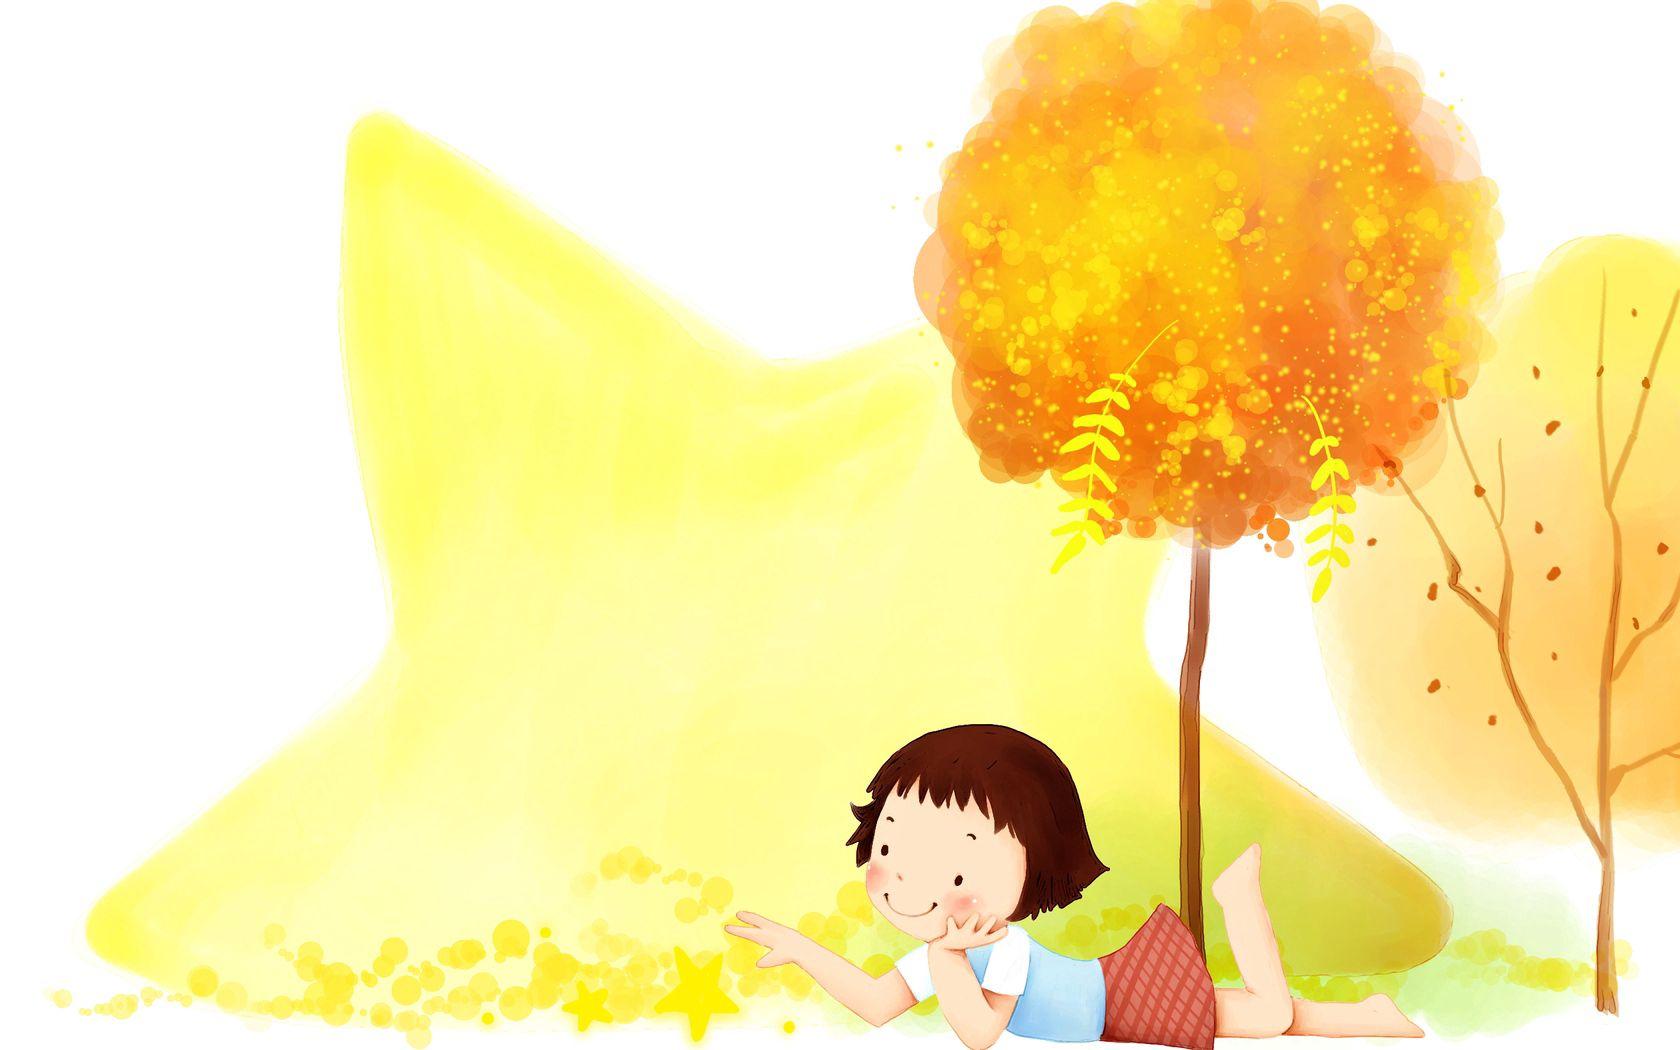 110513 скачать обои Разное, Ребенок, Девочка, Дерево, Осень, Лежать, Рисунок - заставки и картинки бесплатно